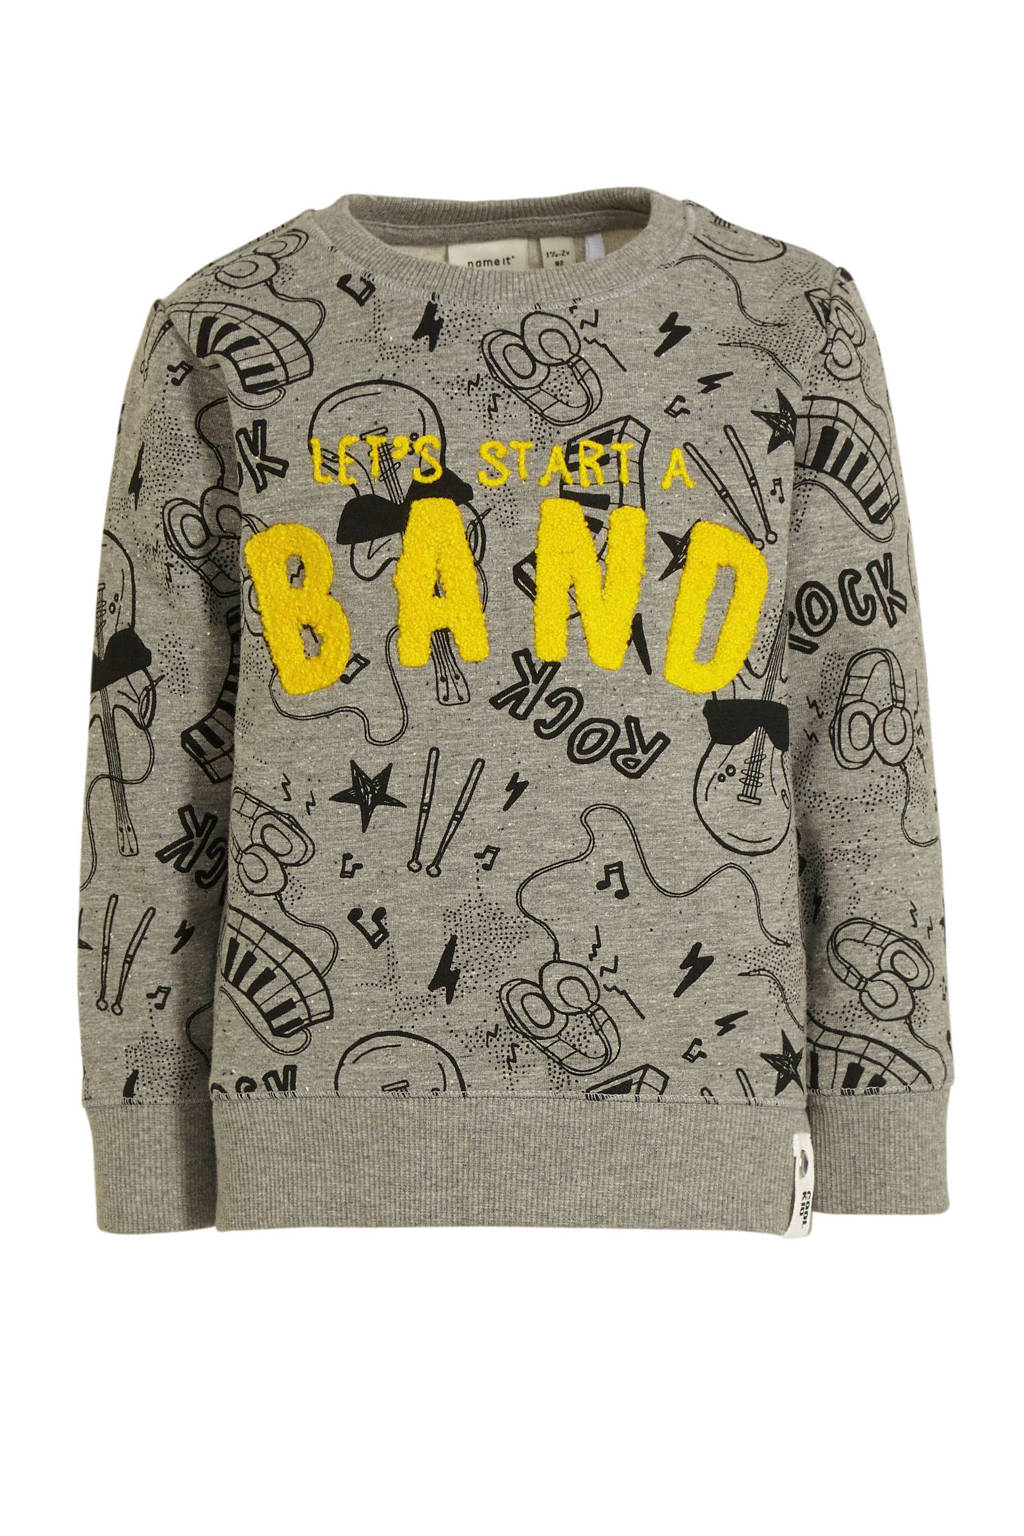 NAME IT MINI sweater Darocky met all over print en textuur grijs/geel/zwart, Grijs/geel/zwart